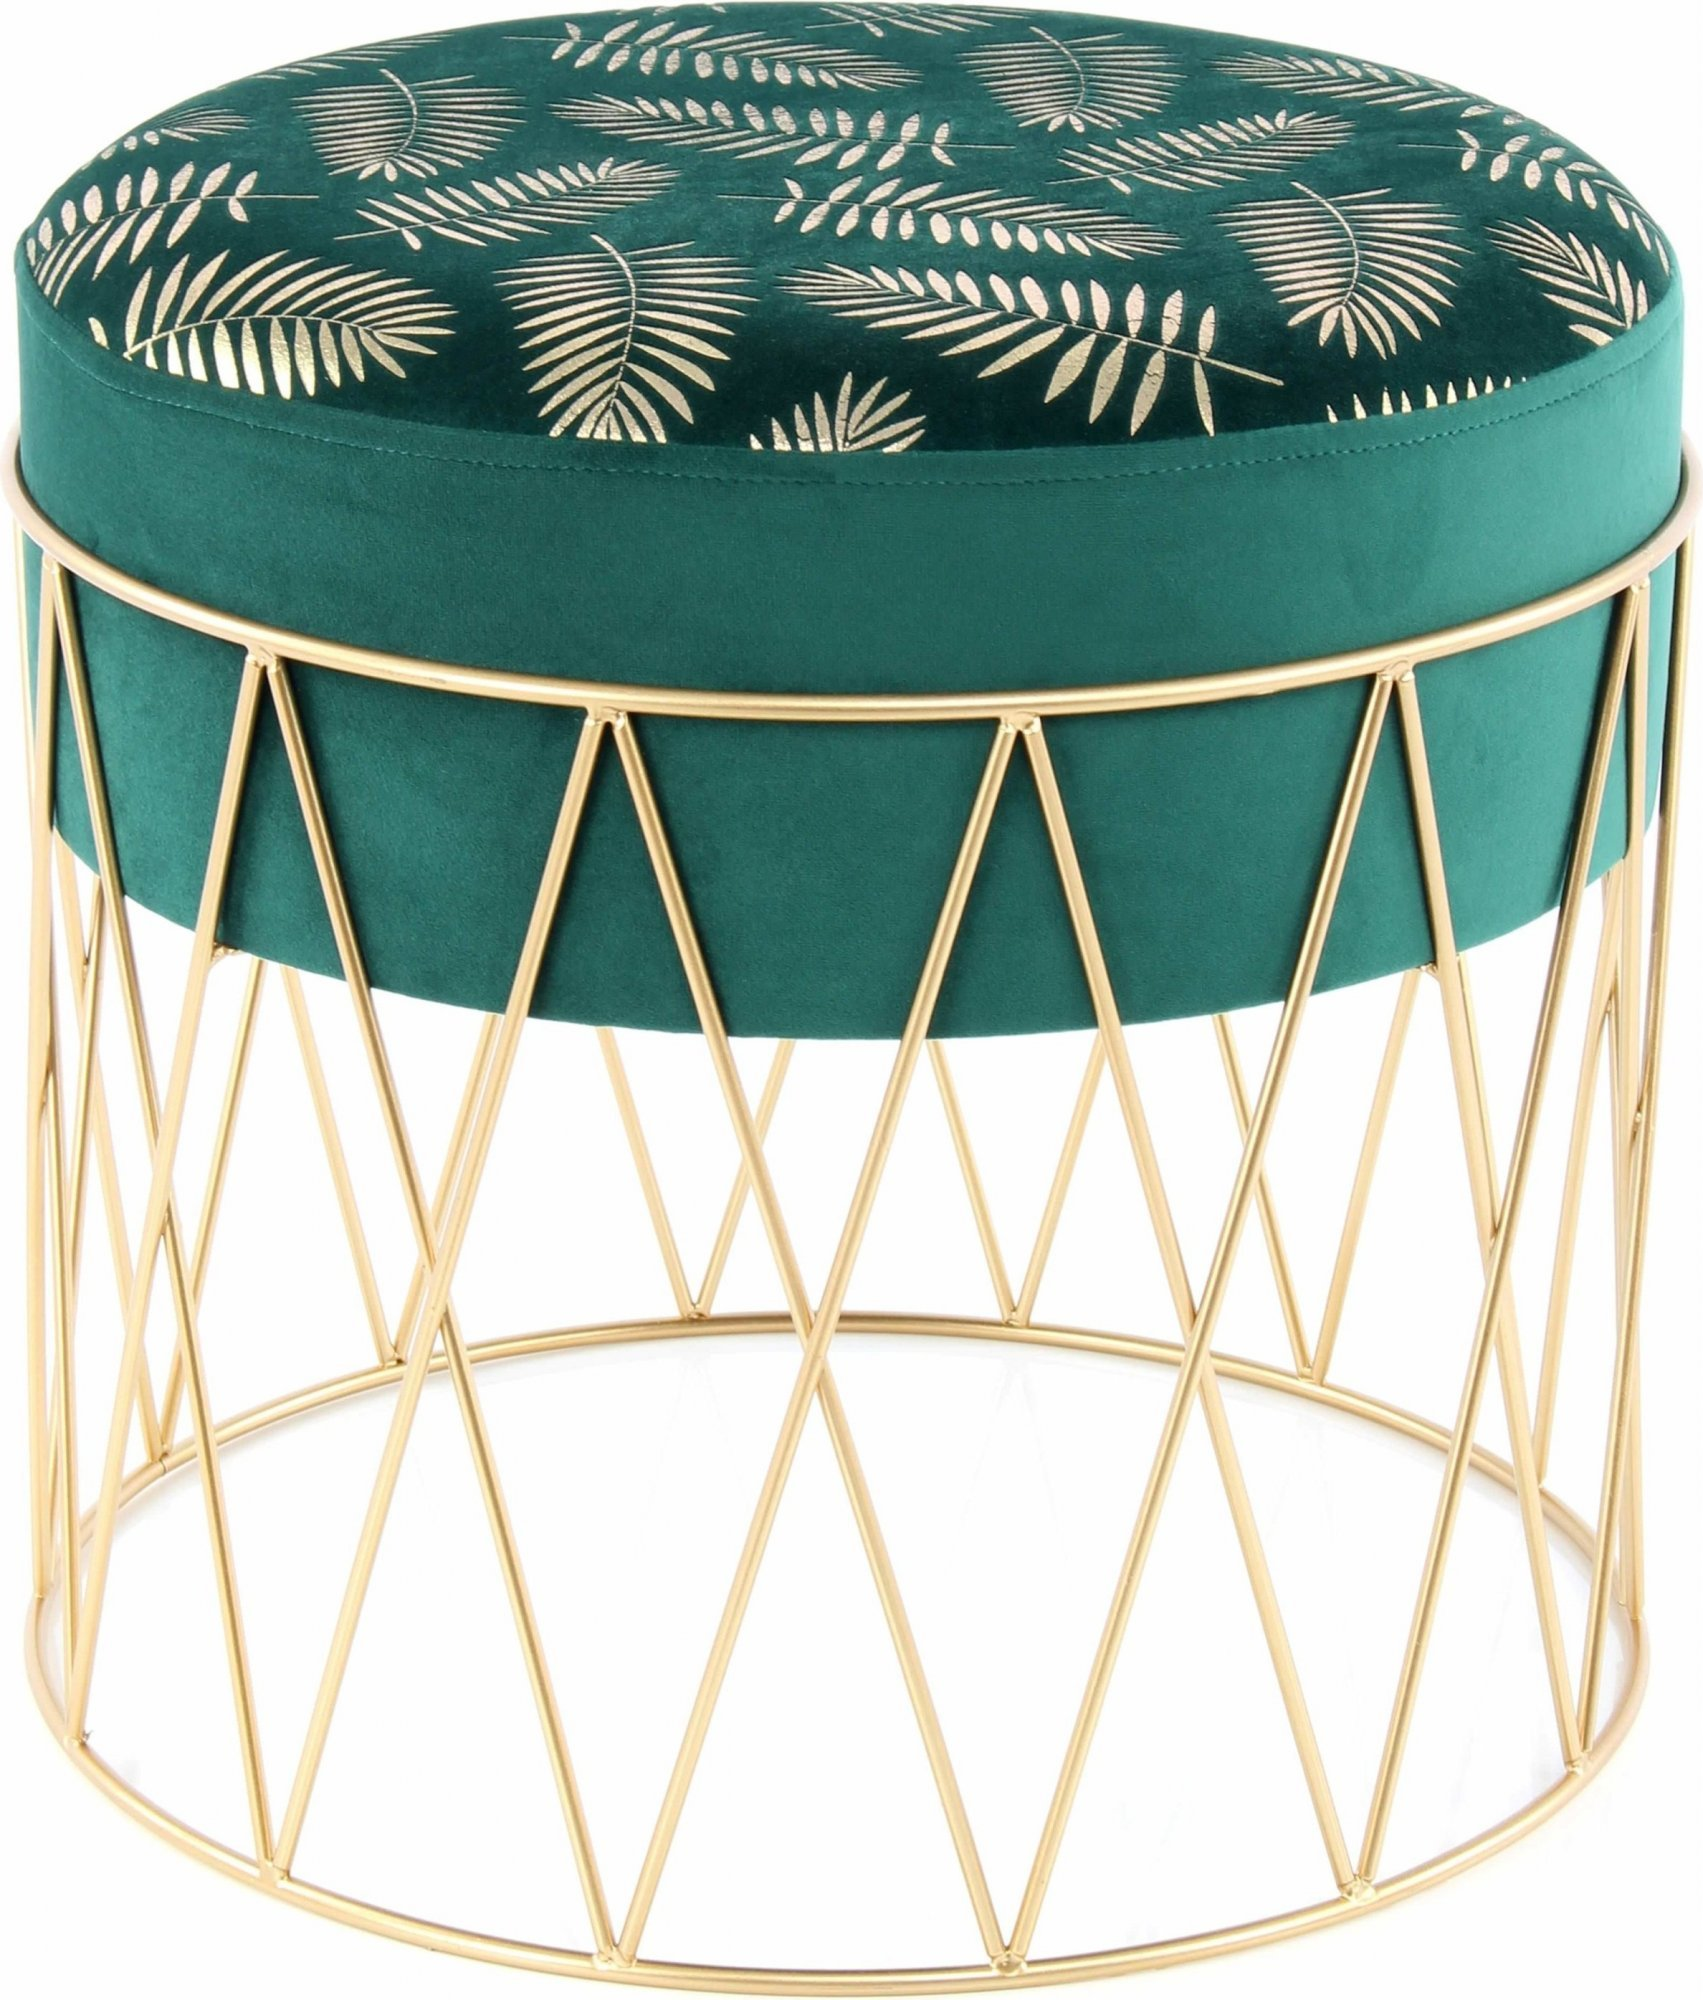 Tabouret assise rembourrée couleur vert et doré h40cm